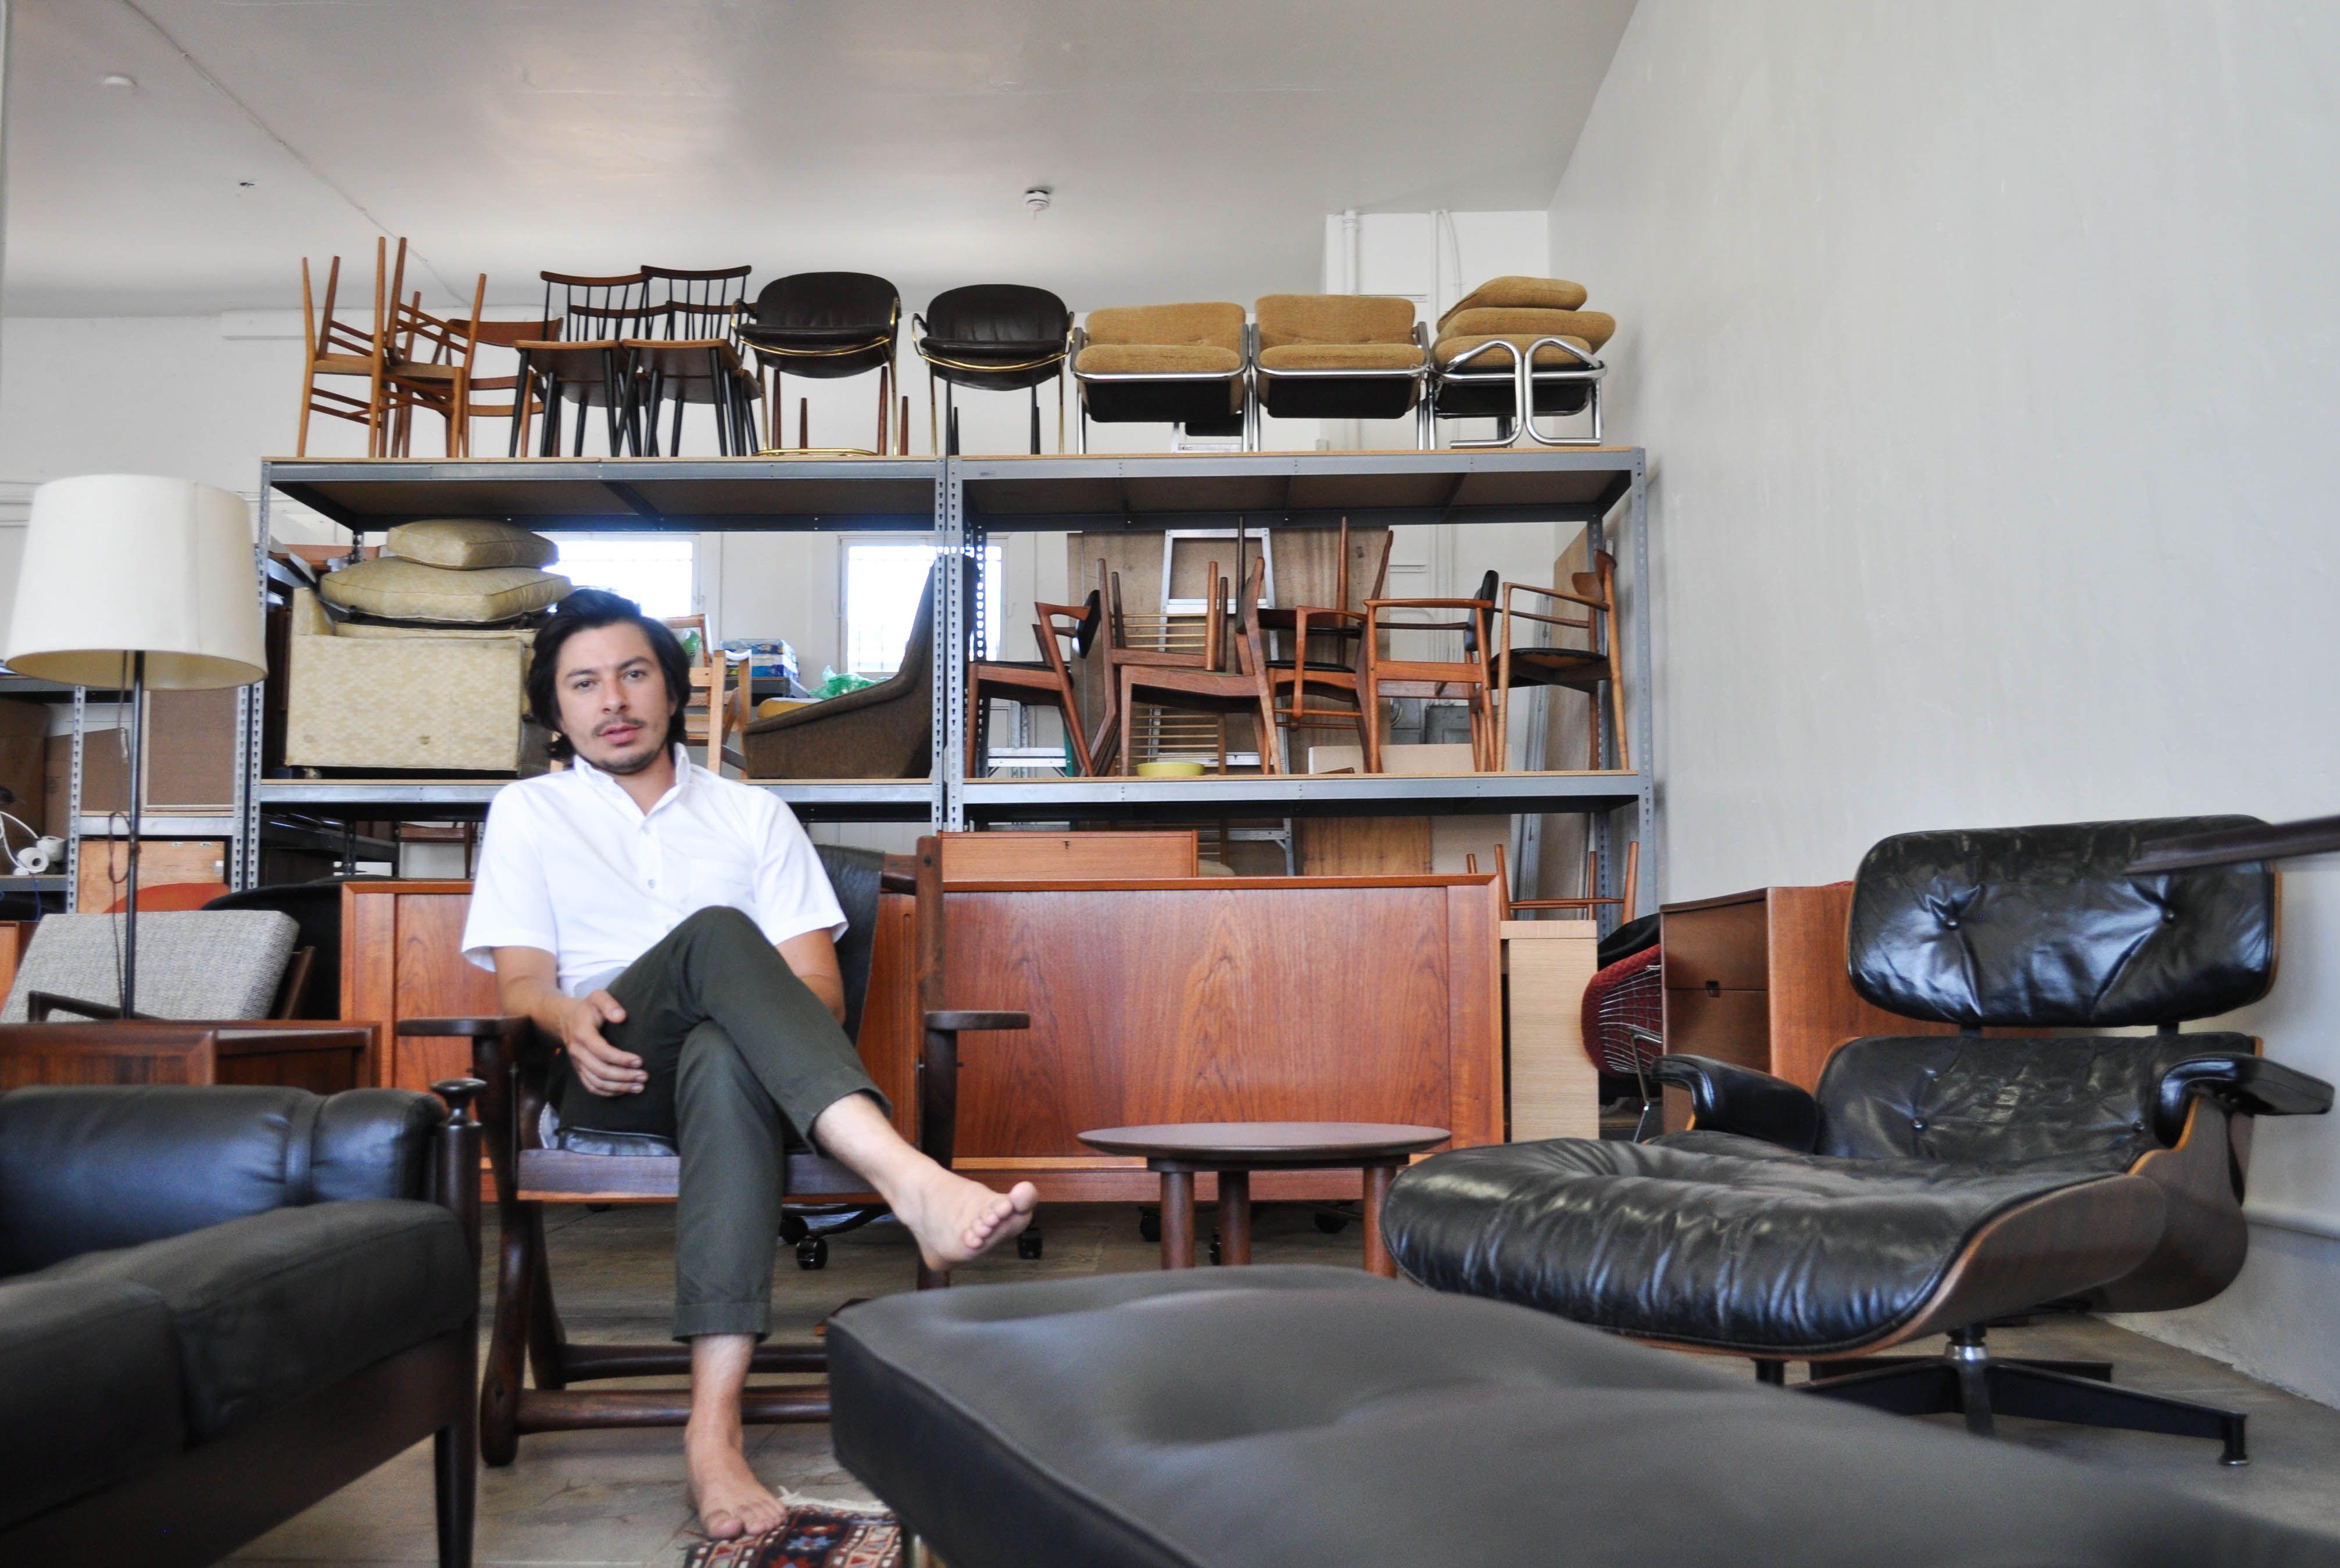 #Eames #HermanMiller #DonShoemaker #MidCenturyChair #Midcenturydesign